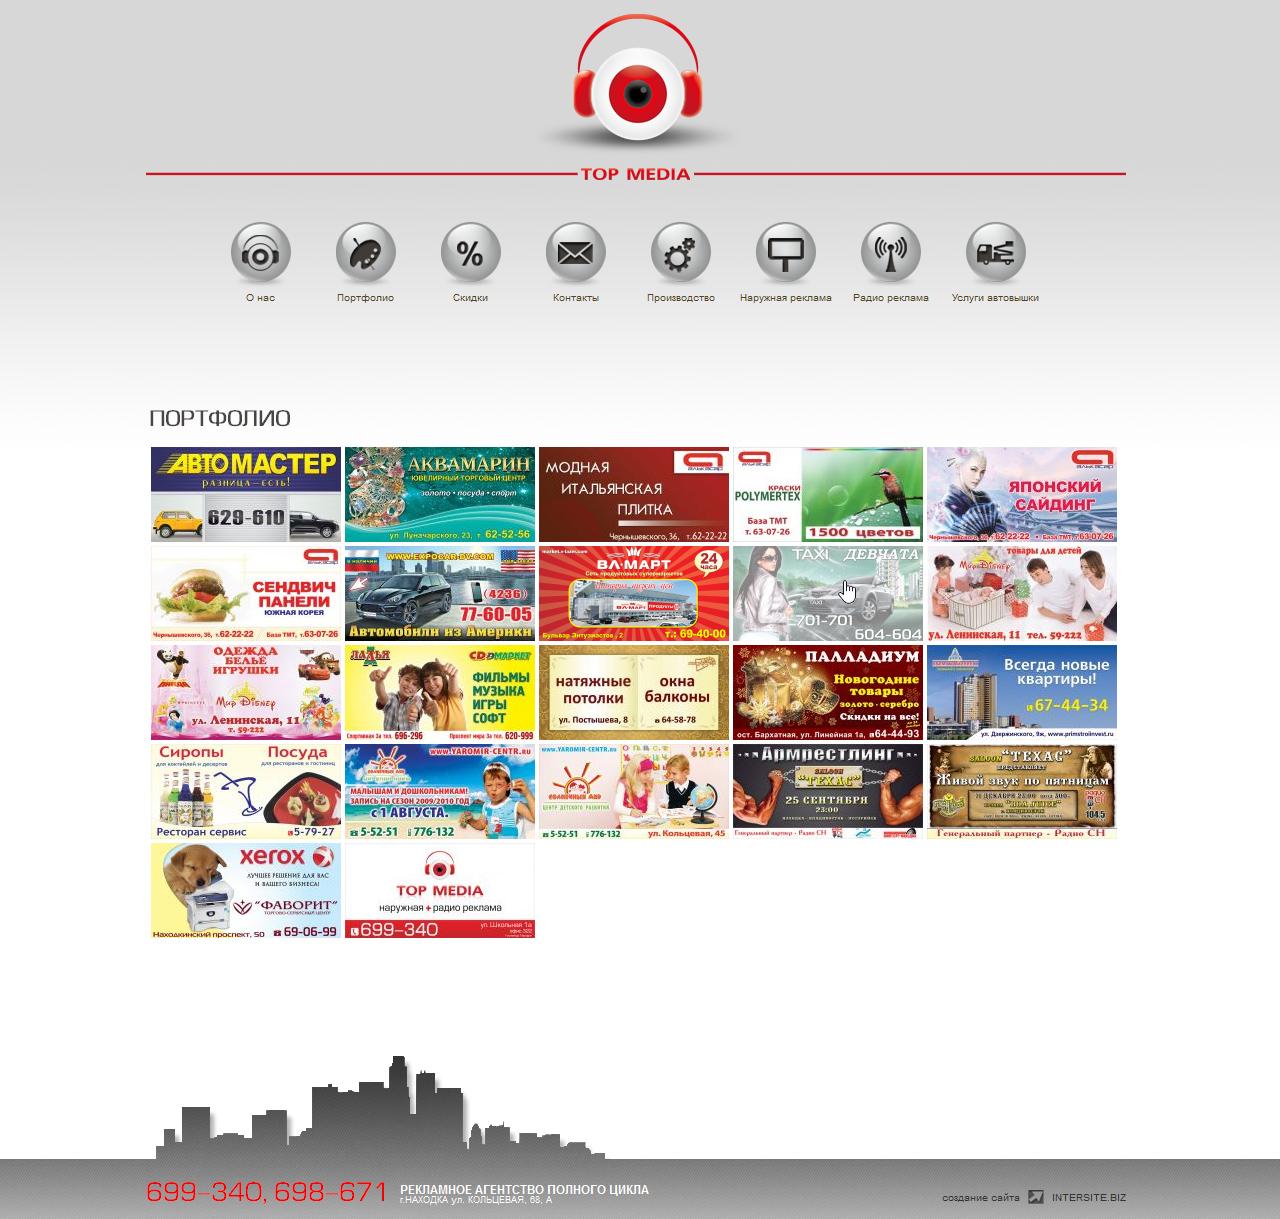 Топ качественных сайтов автопремиум на хасанской официальный сайт